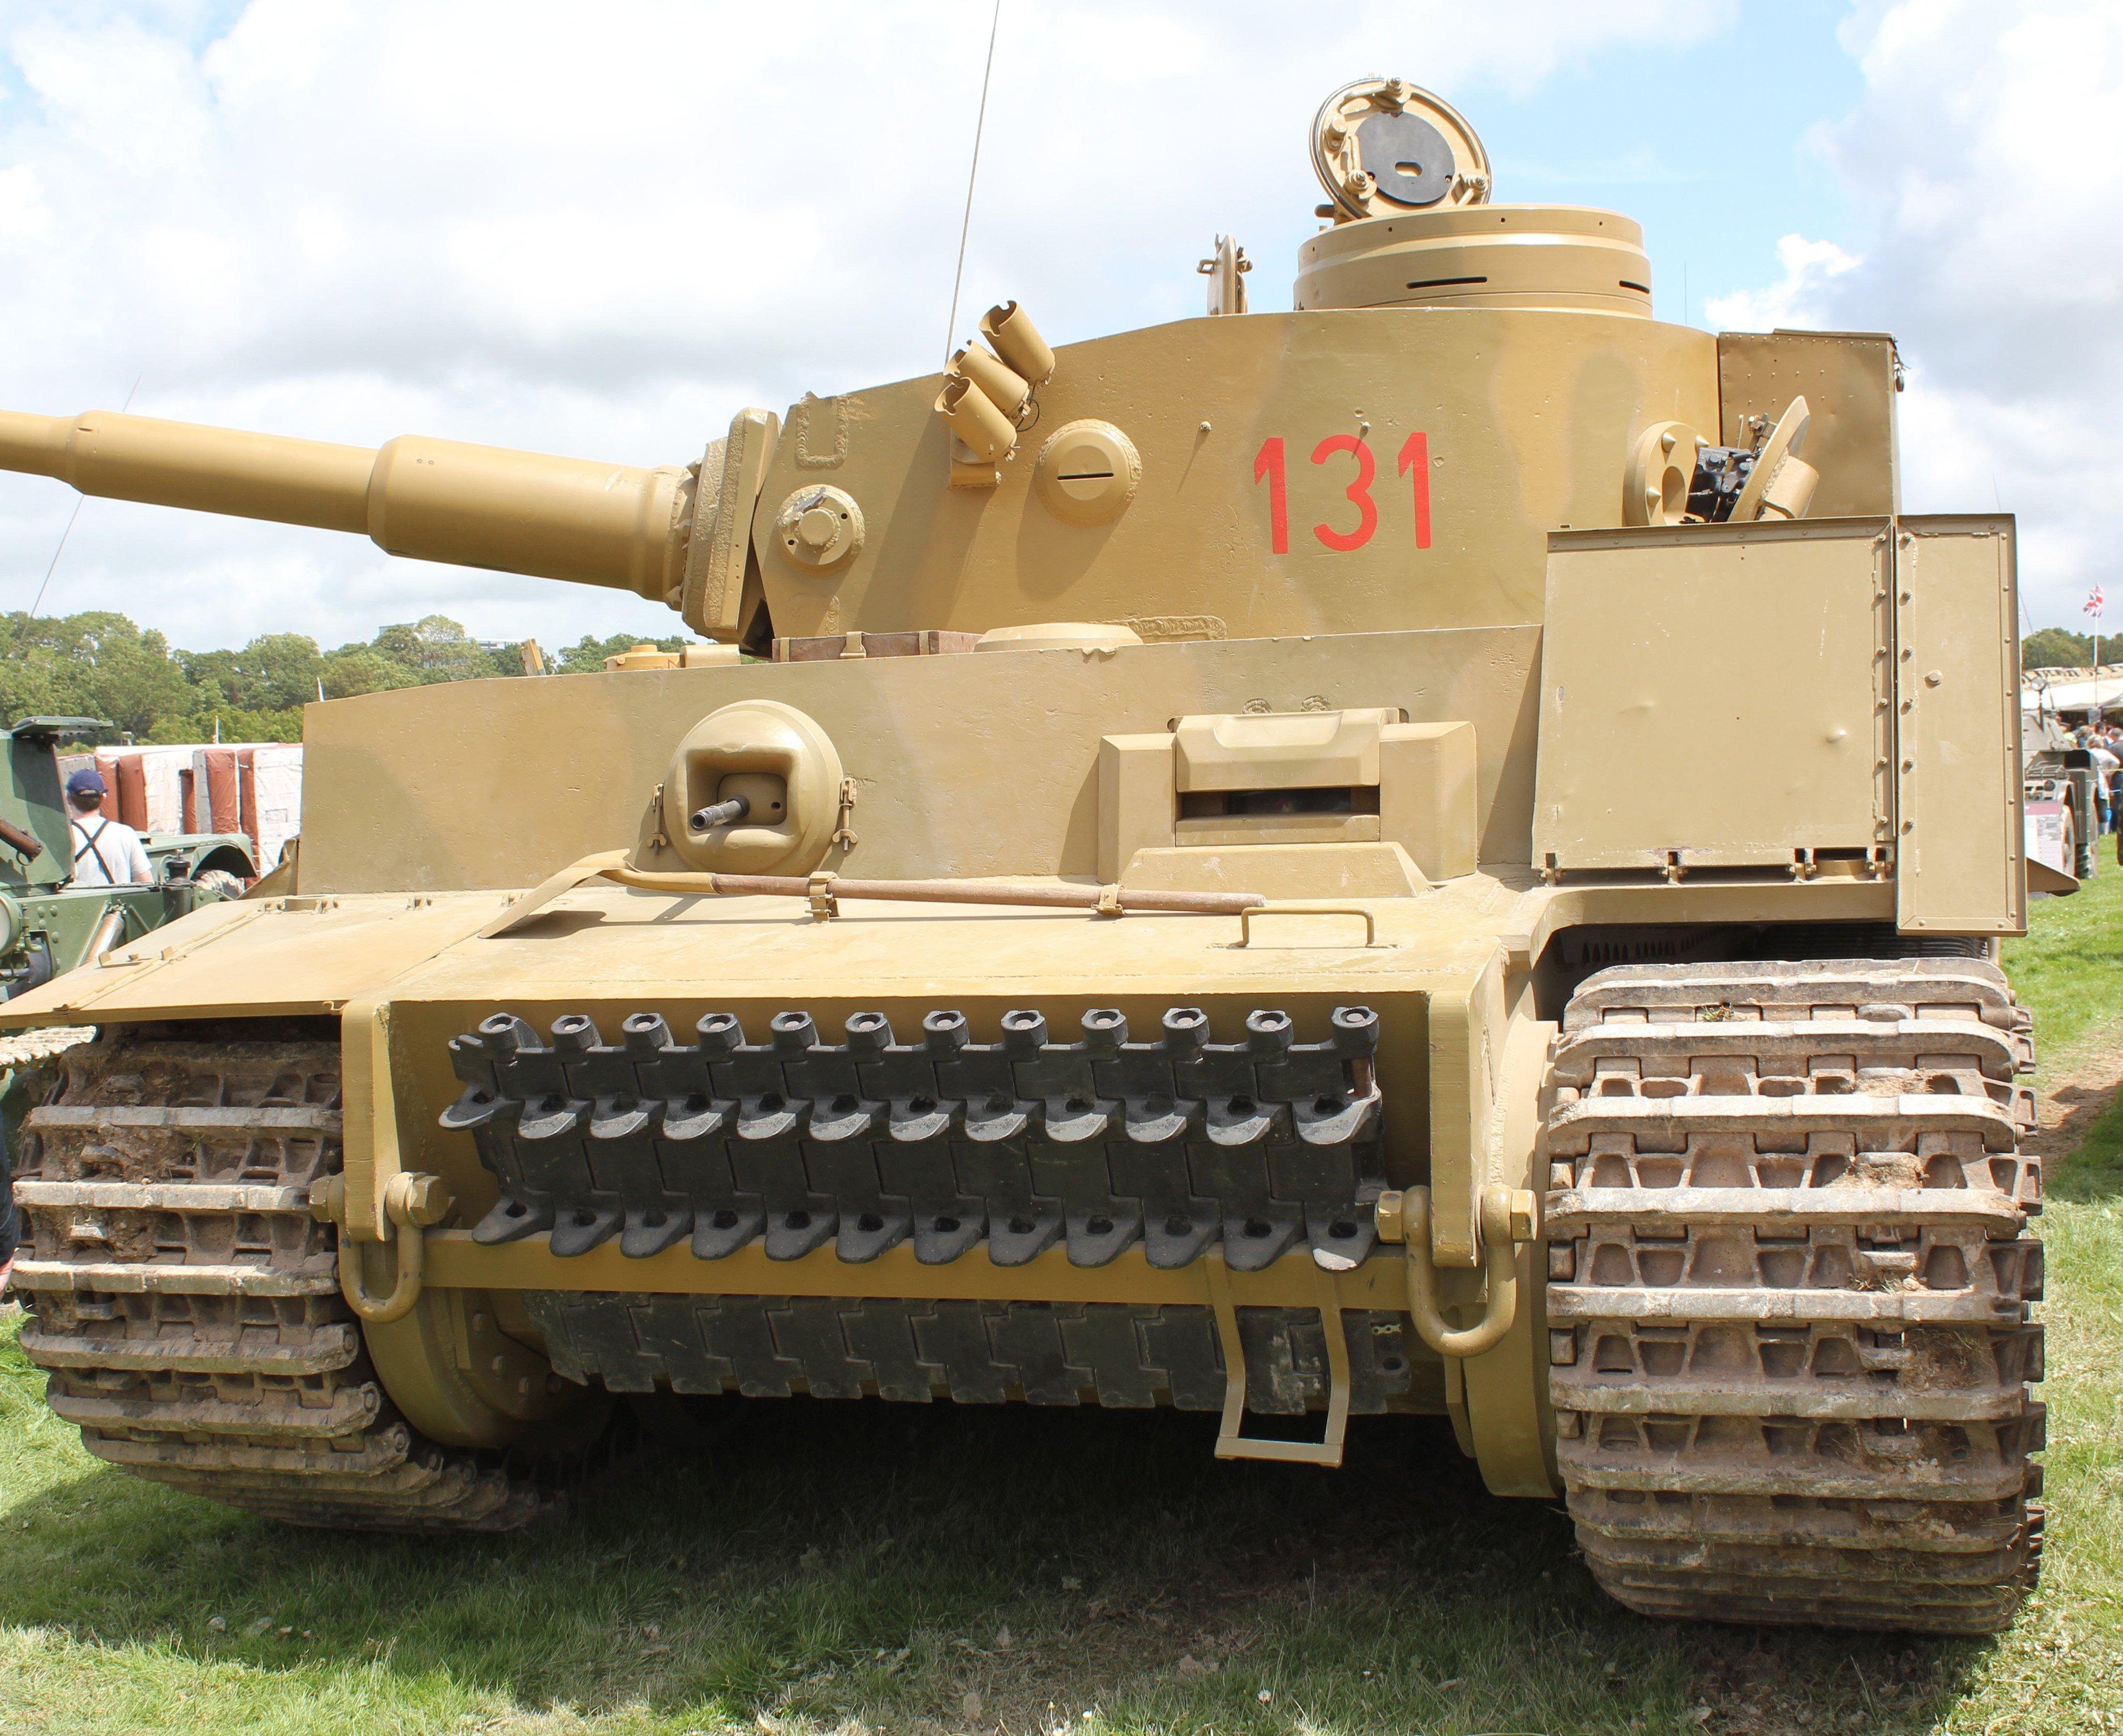 фото танка фоне человека своего